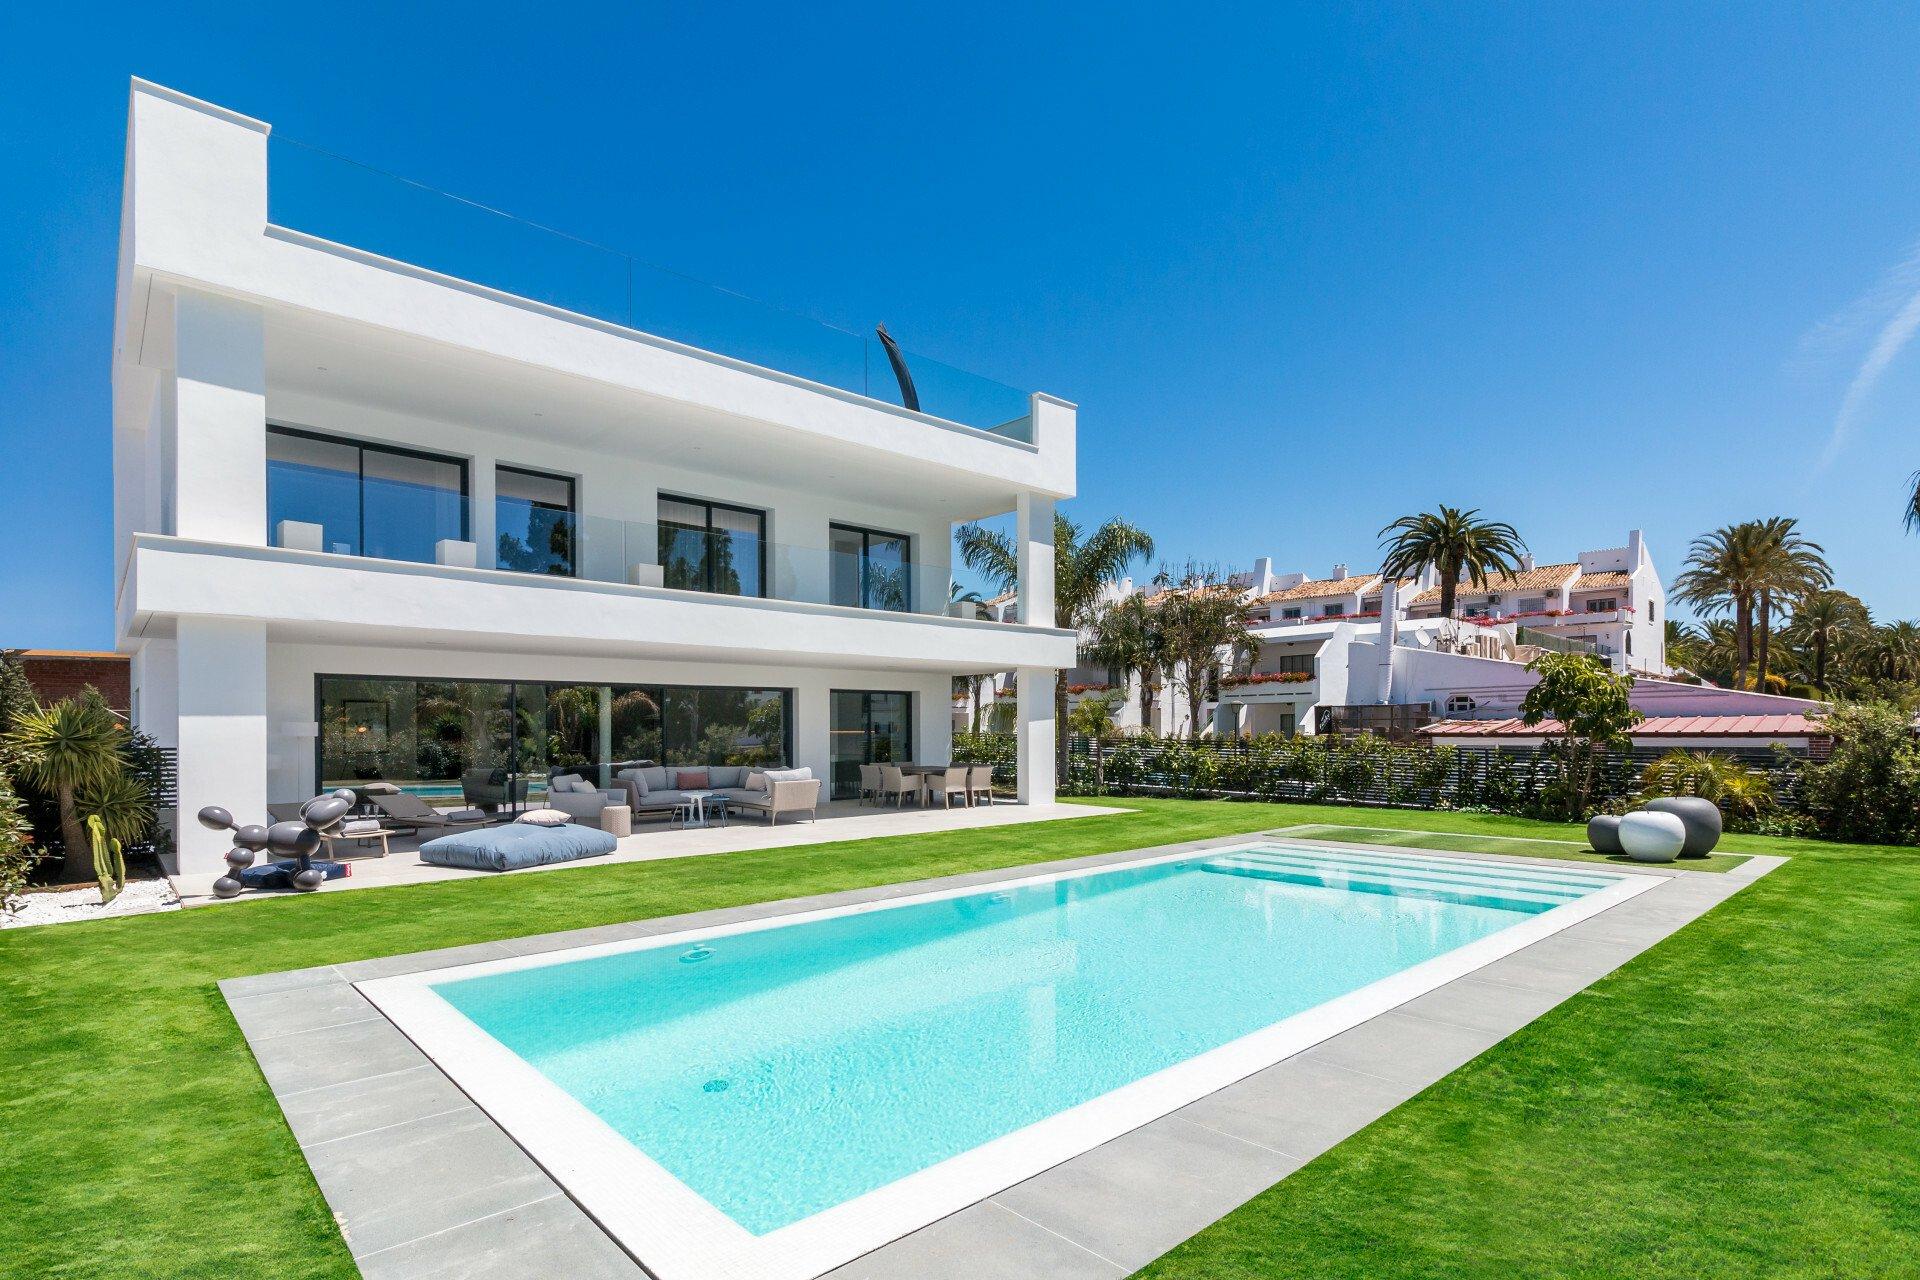 Villa in Marbella, Andalusia, Spain 1 - 11394838